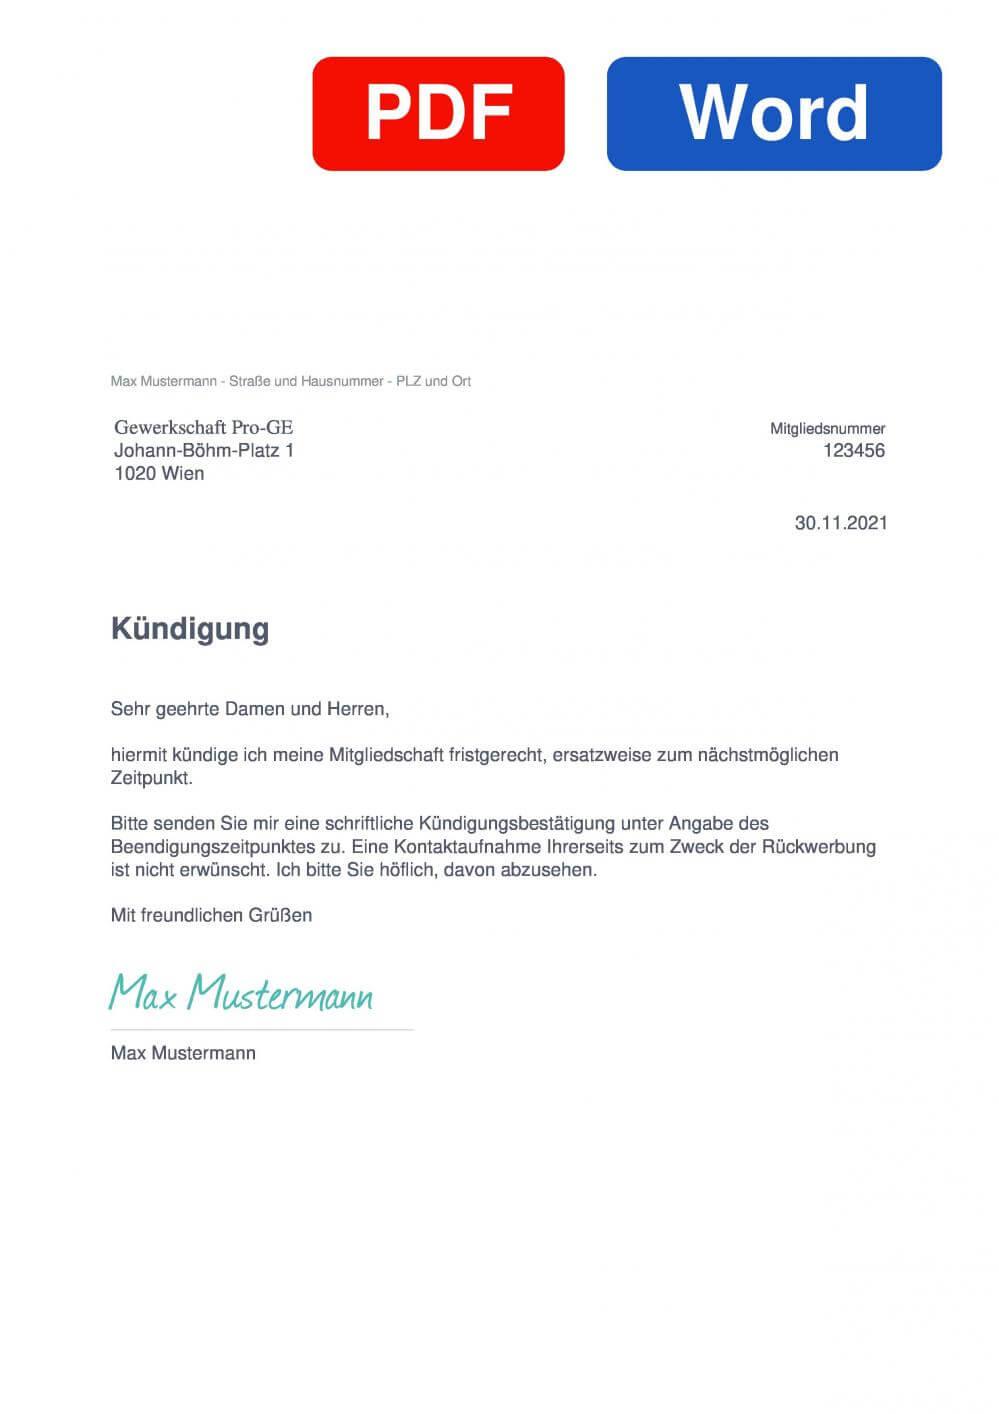 Pro-GE Muster Vorlage für Kündigungsschreiben